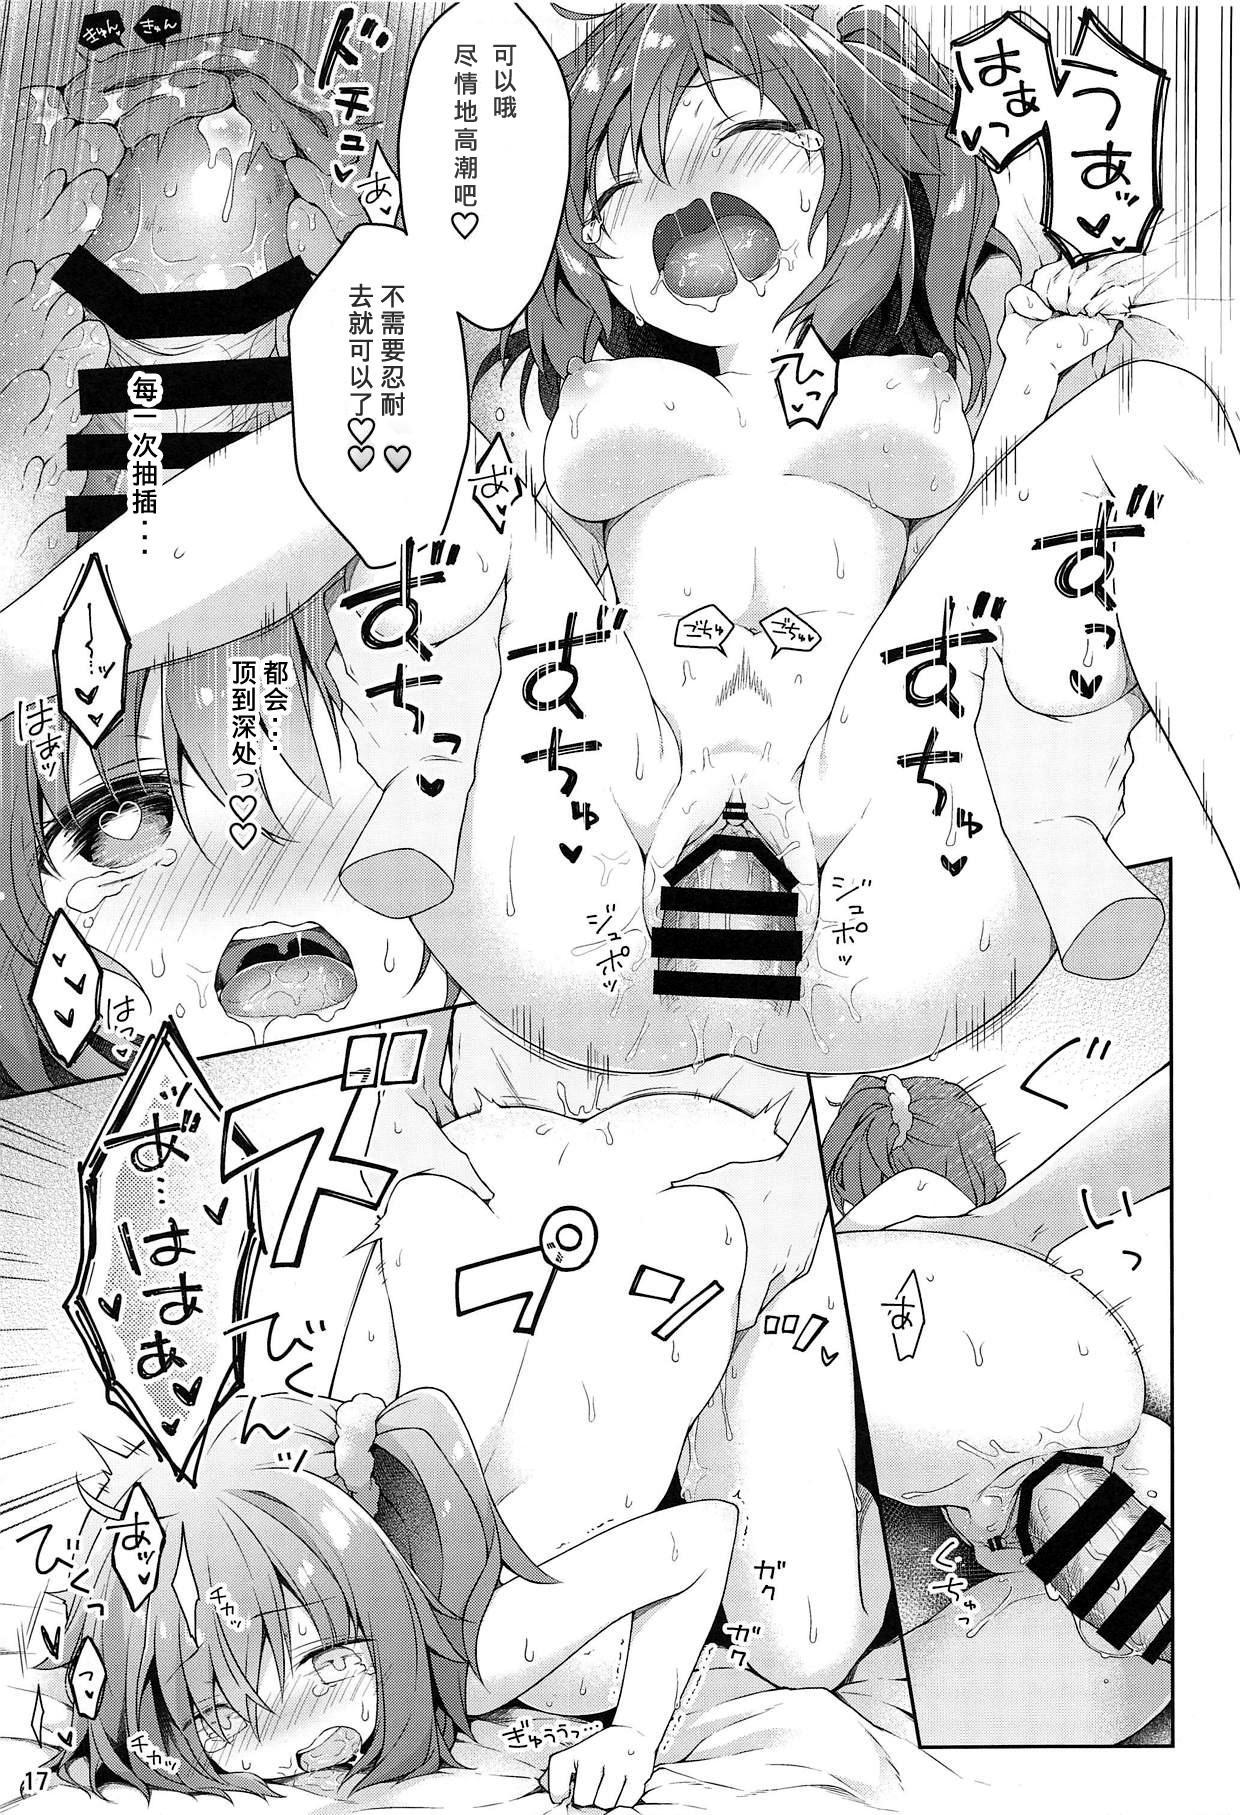 Boku to Master no Kyuujitsu Sex + C95 Kaijou Gentei Omakebon 18